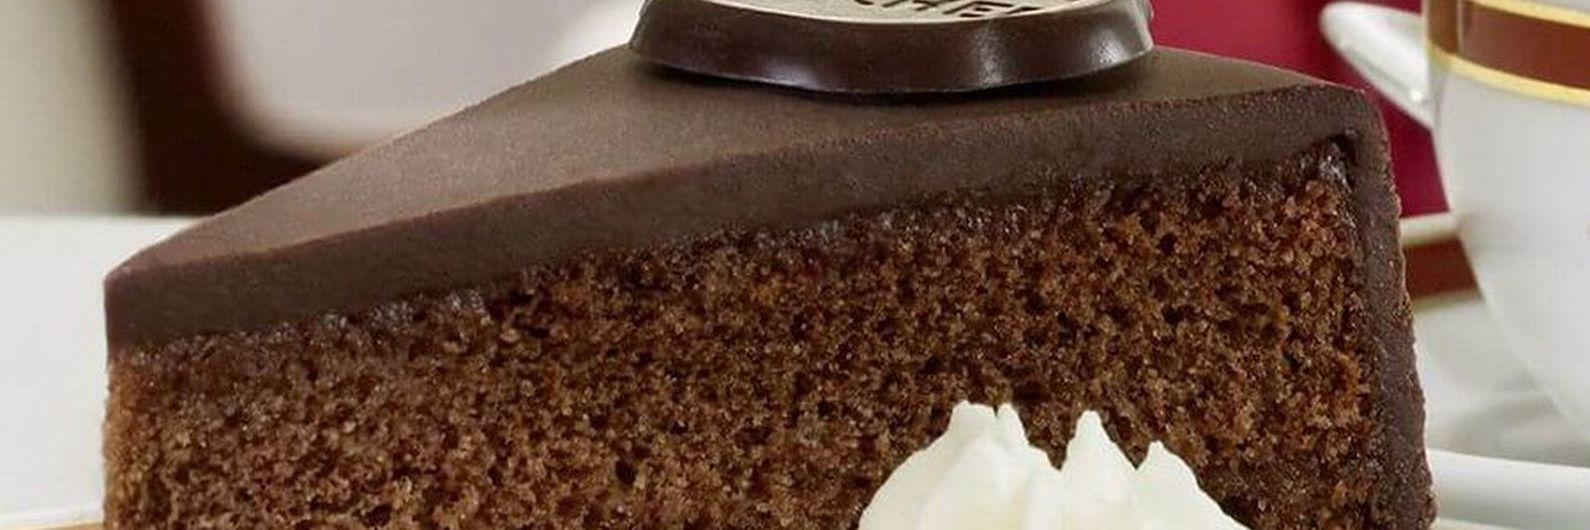 Visite Viena, a cidade do bolo de chocolate com recheio de compota de alperce